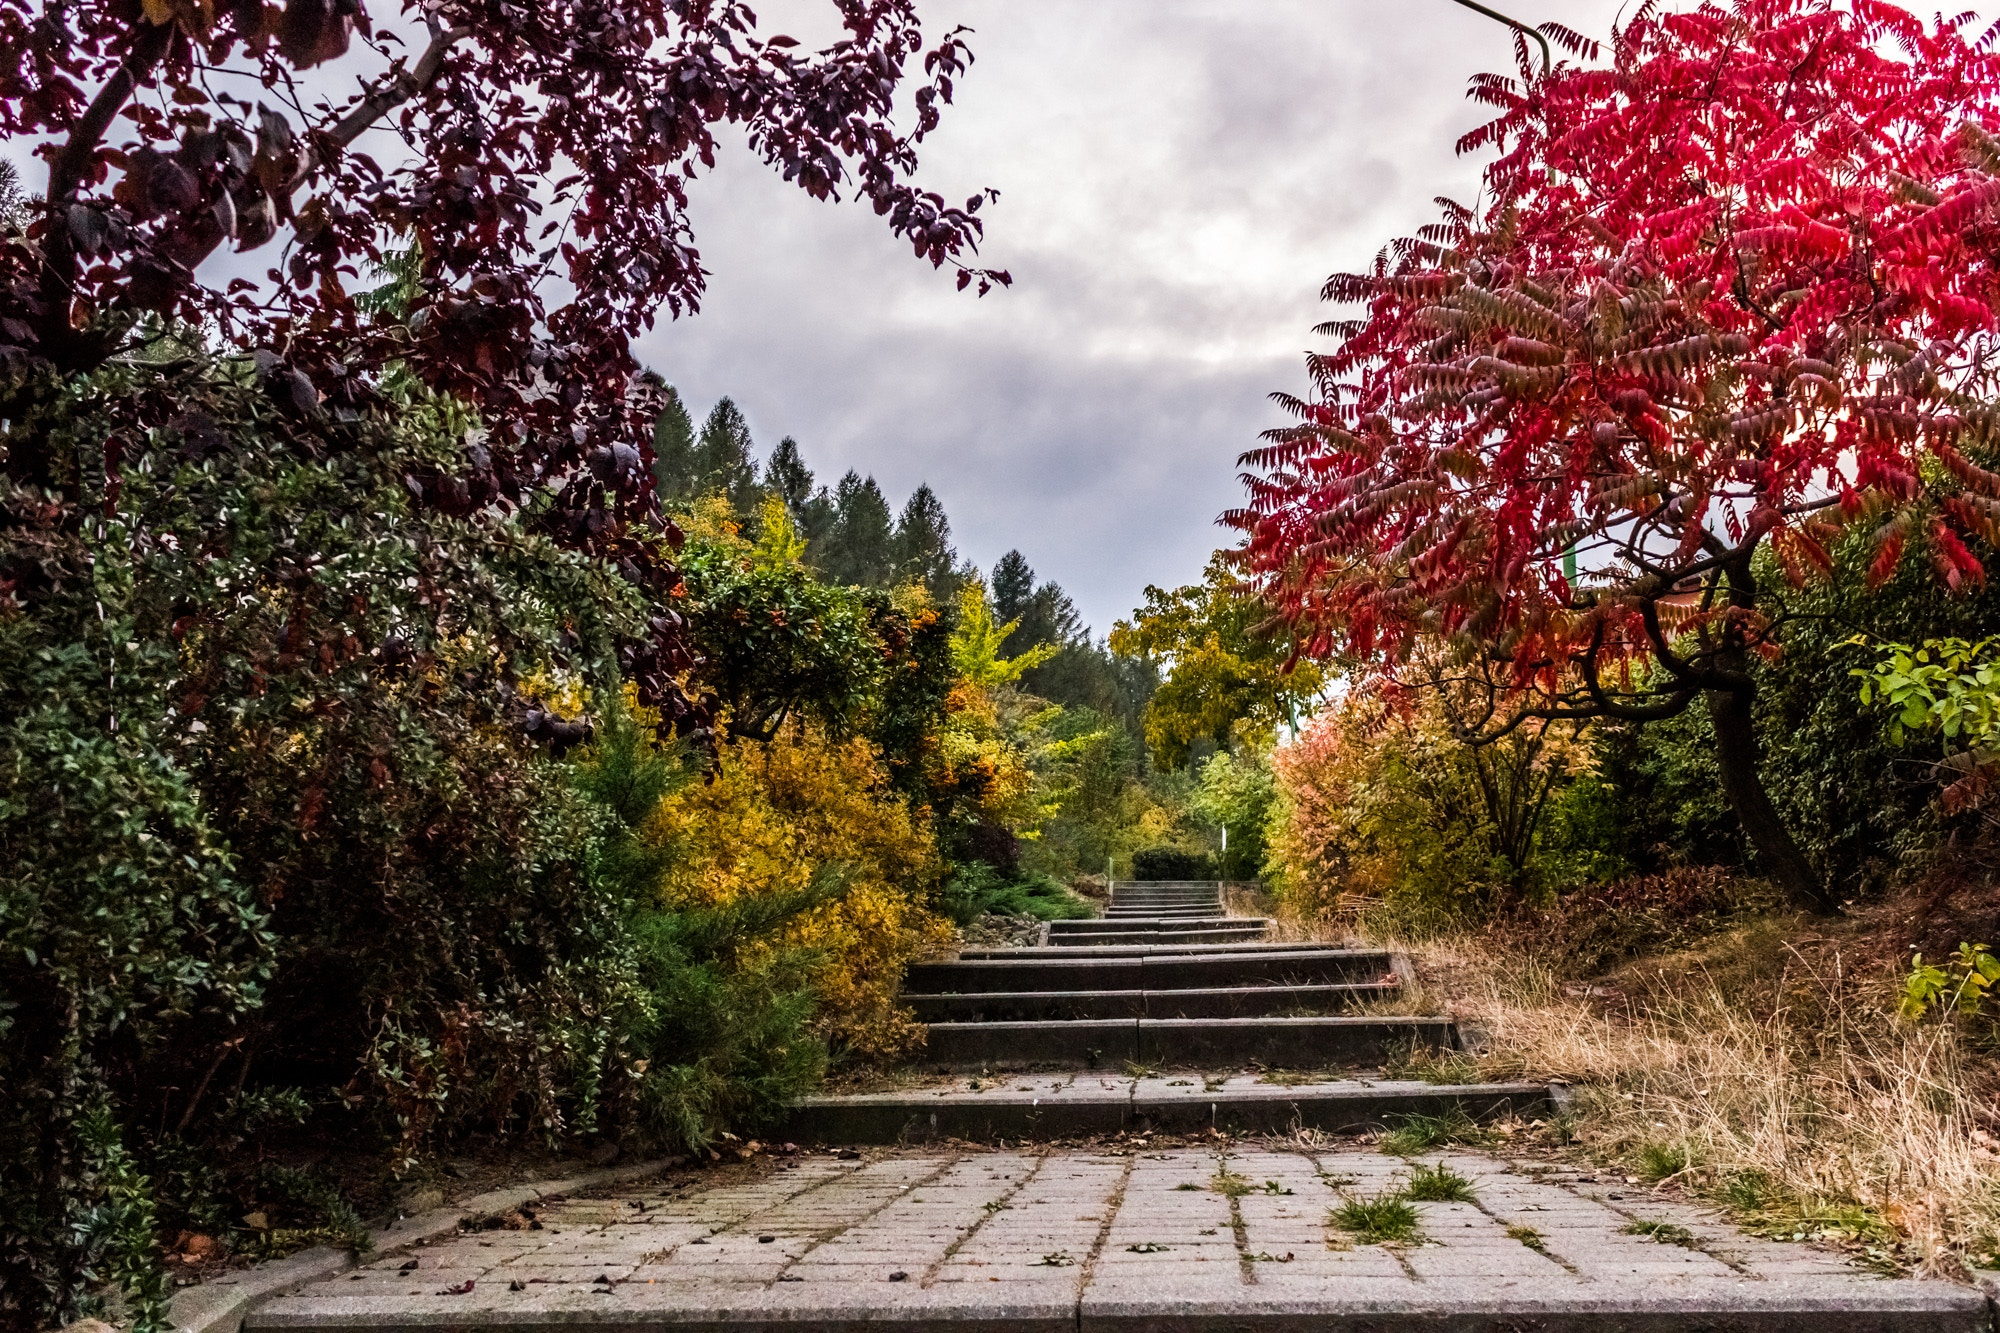 Disposez d'un harmonieux jardin avec votre paysagiste 3